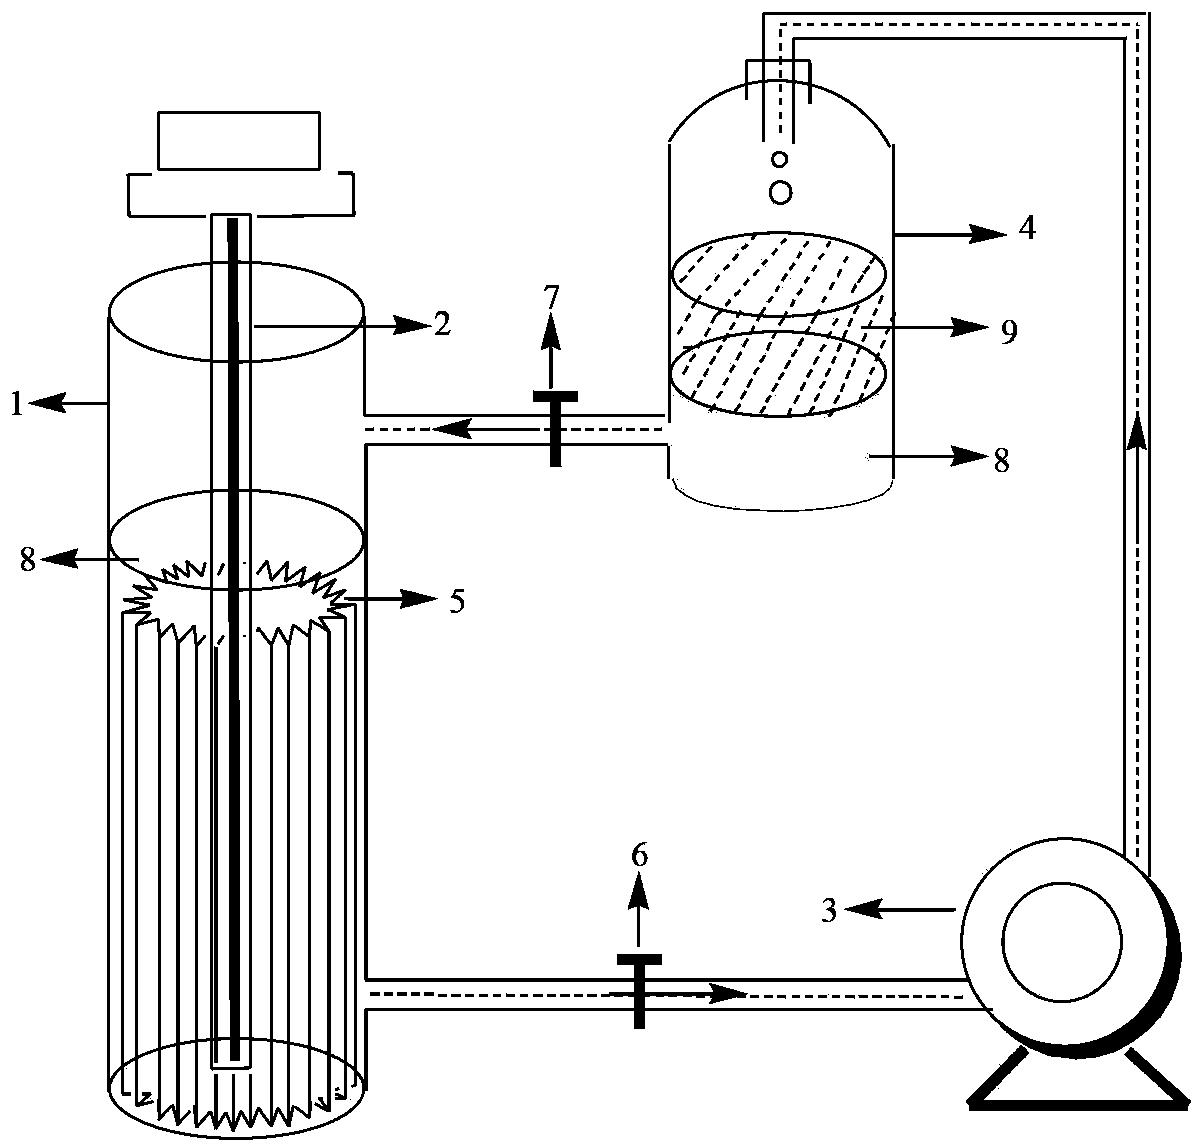 一种光催化降解木质素制备邻苯二甲酸二丁酯的方法